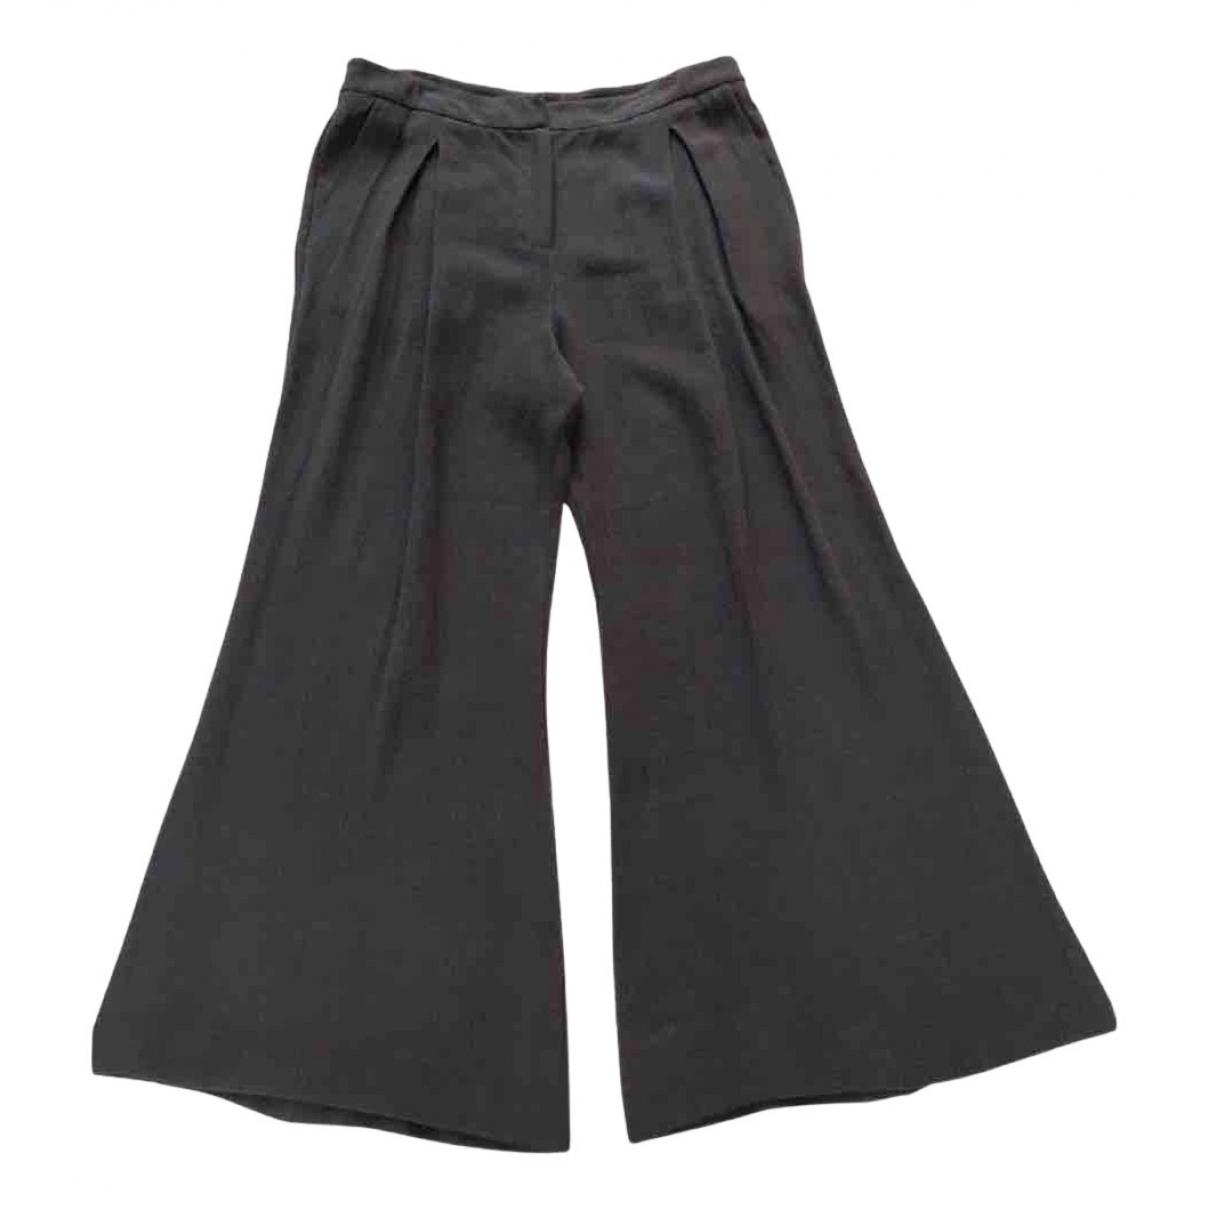 Dusan - Pantalon   pour femme en lin - gris